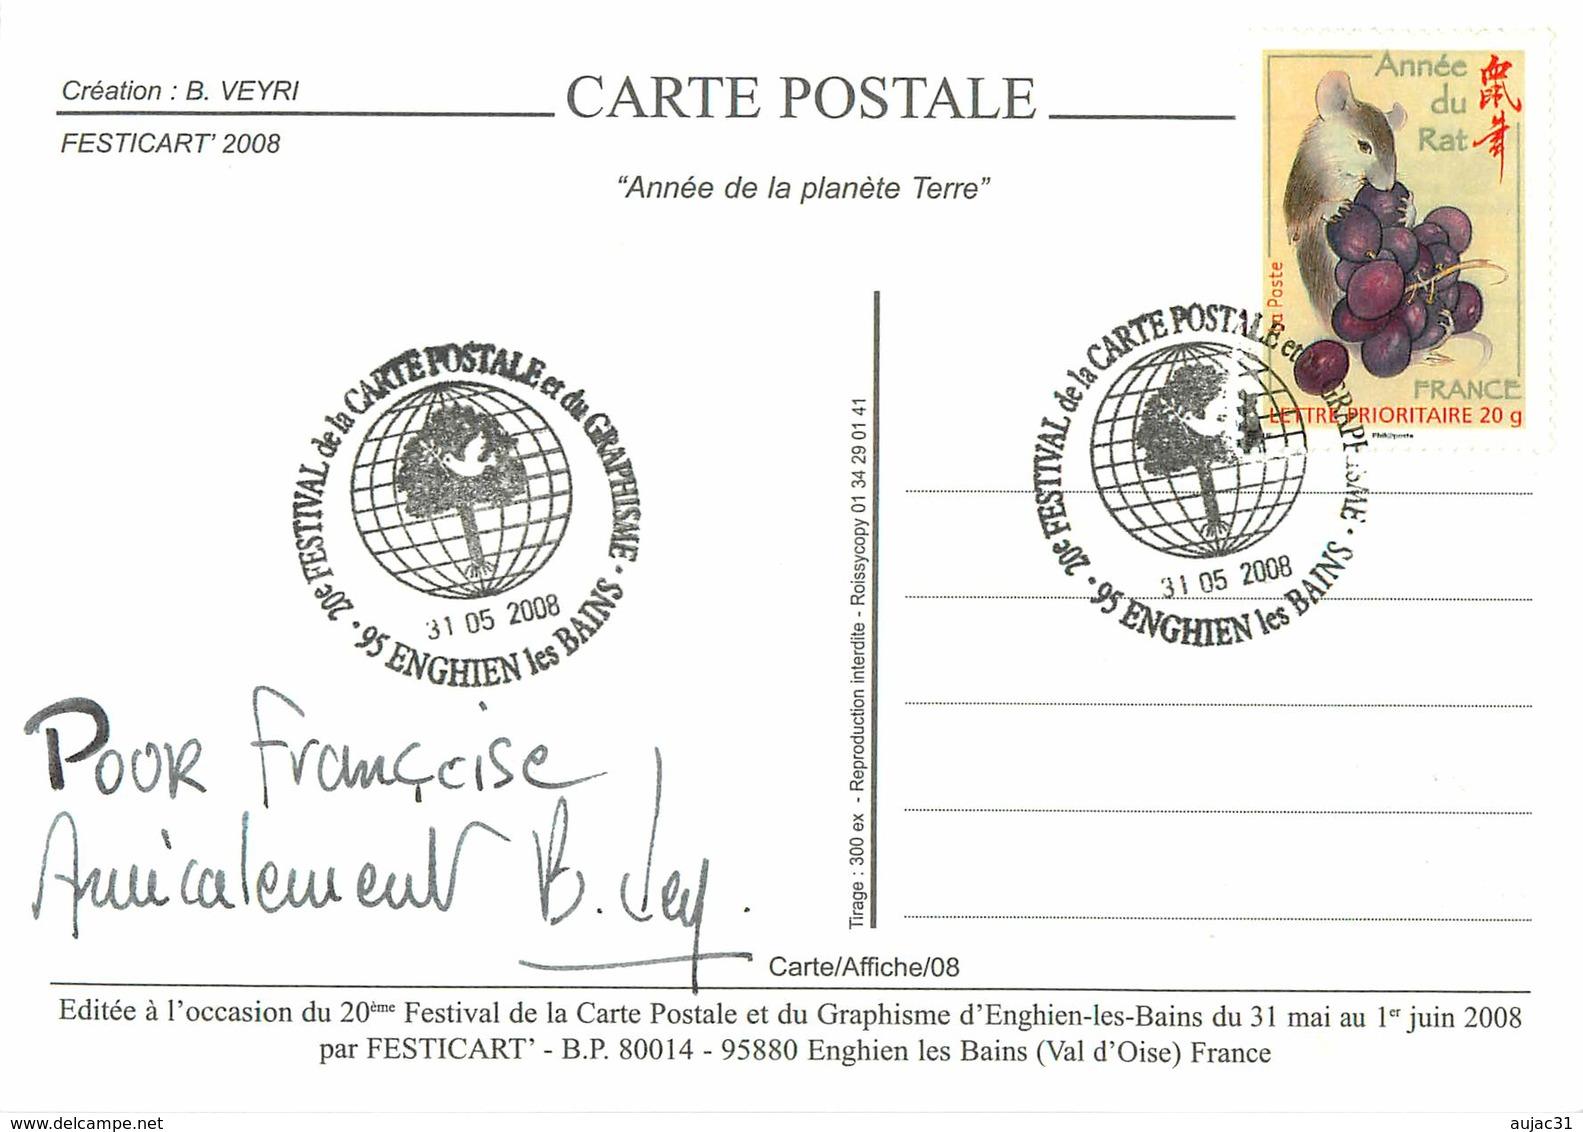 IIlustrateur Bernard Veyri - Enghien Les Bains - Animaux - Eléphants - Renards - Ours Blancs - Autographe - Signature - Veyri, Bernard